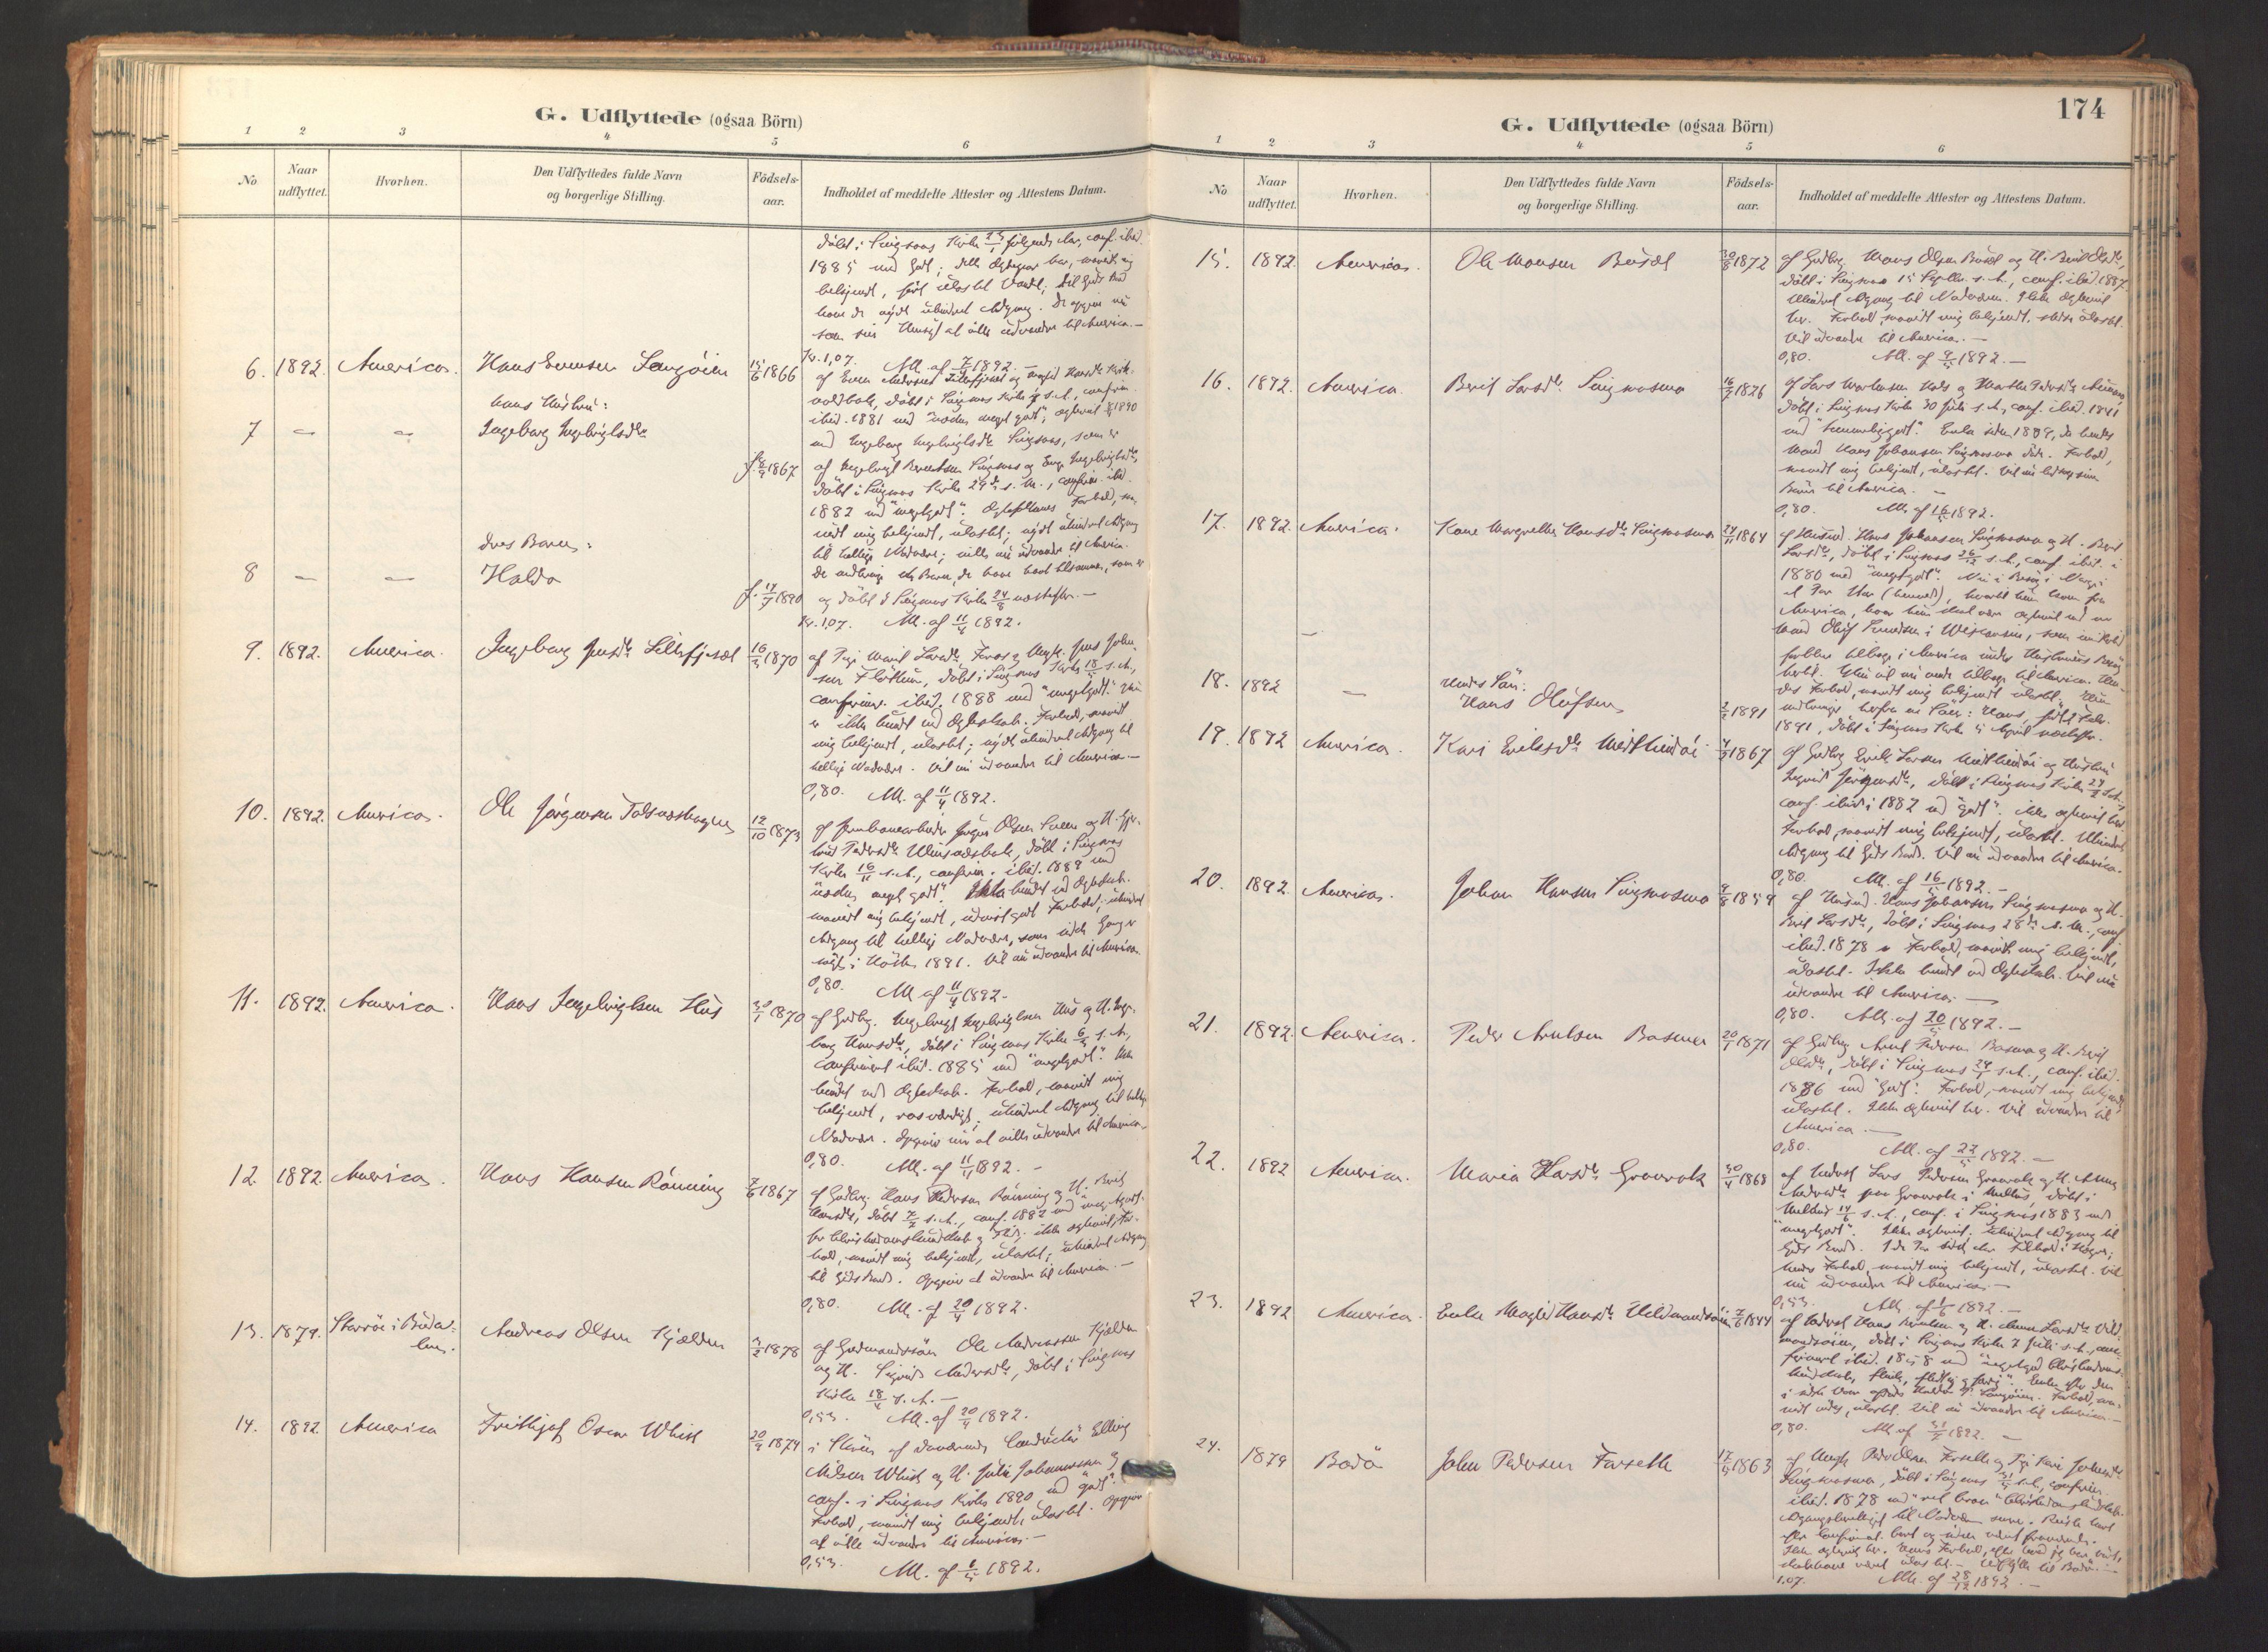 SAT, Ministerialprotokoller, klokkerbøker og fødselsregistre - Sør-Trøndelag, 688/L1025: Ministerialbok nr. 688A02, 1891-1909, s. 174